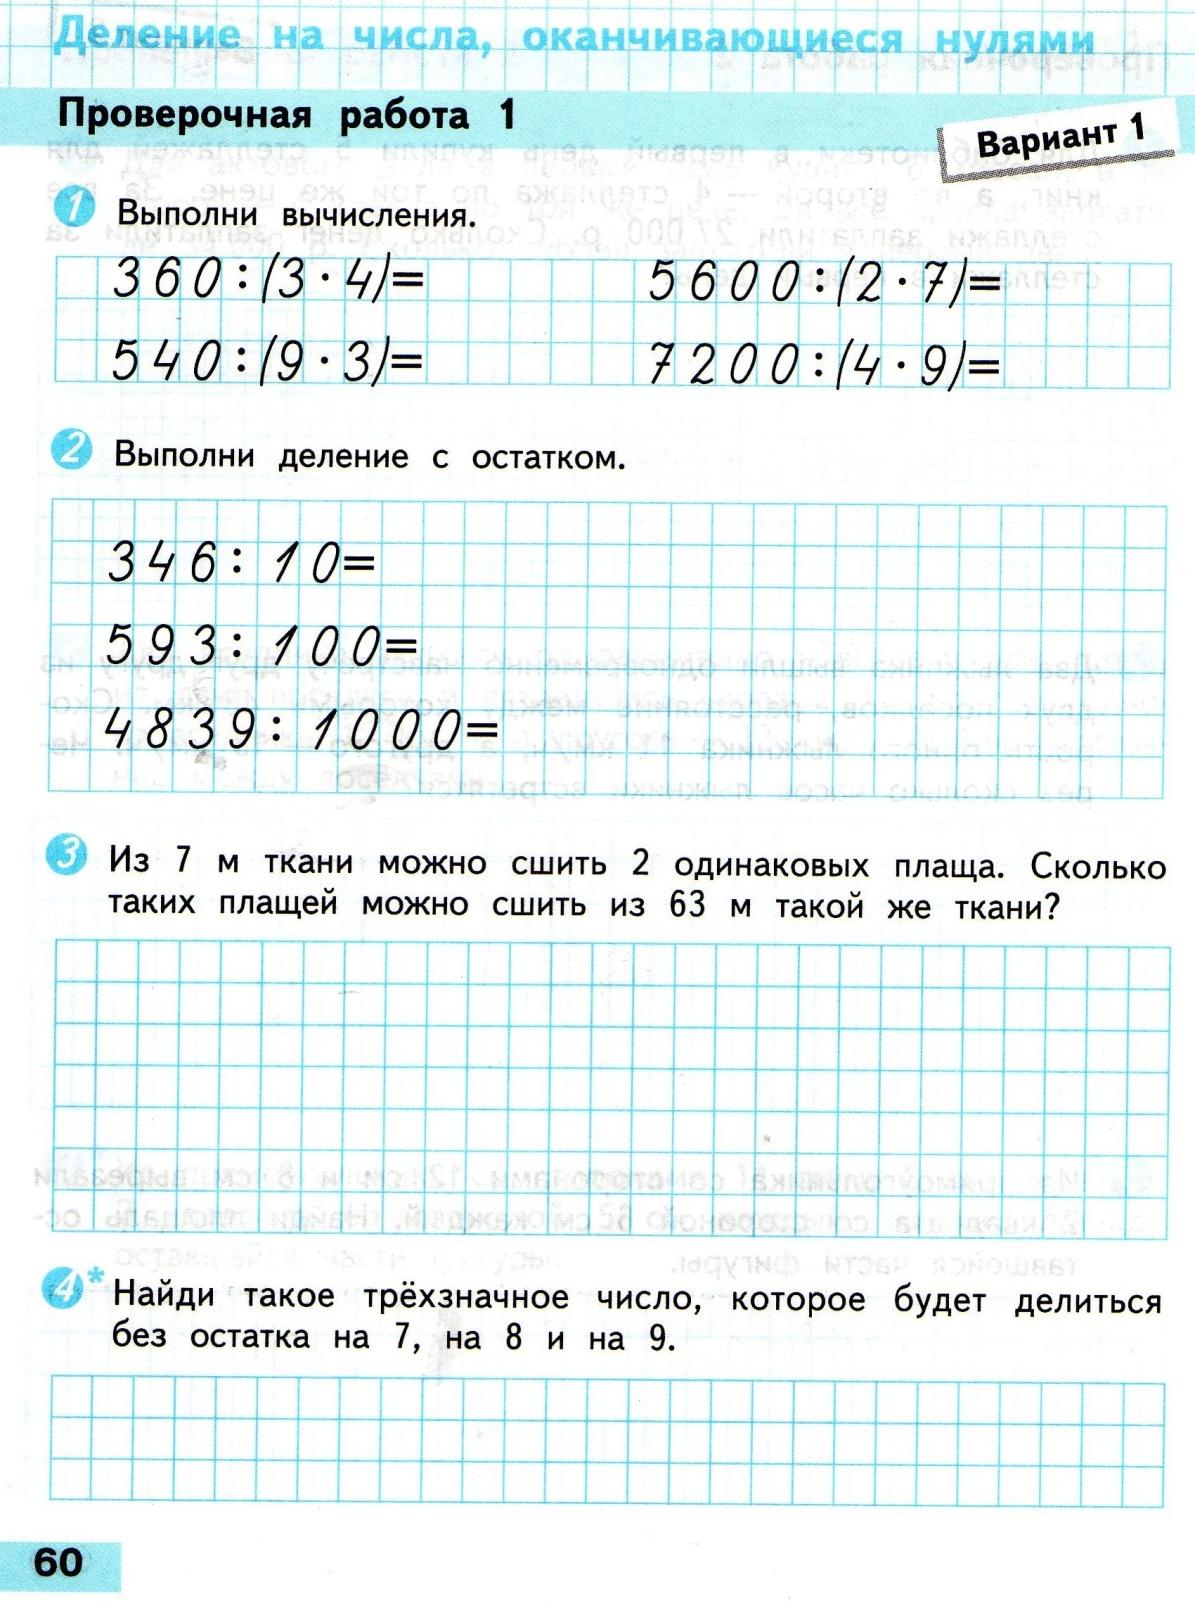 C:\Documents and Settings\Admin\Мои документы\Мои рисунки\1559.jpg